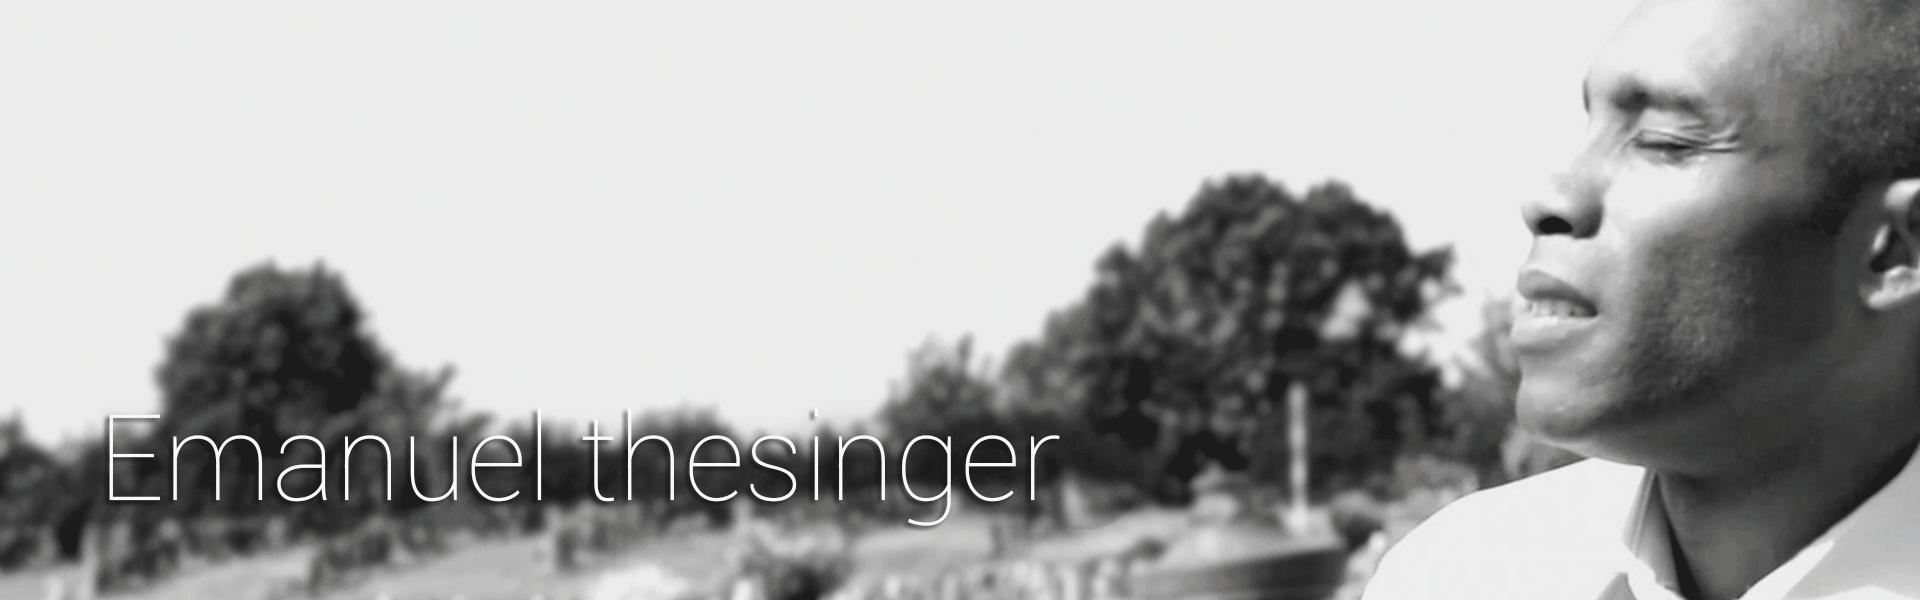 Banner of Emanuel thesinger